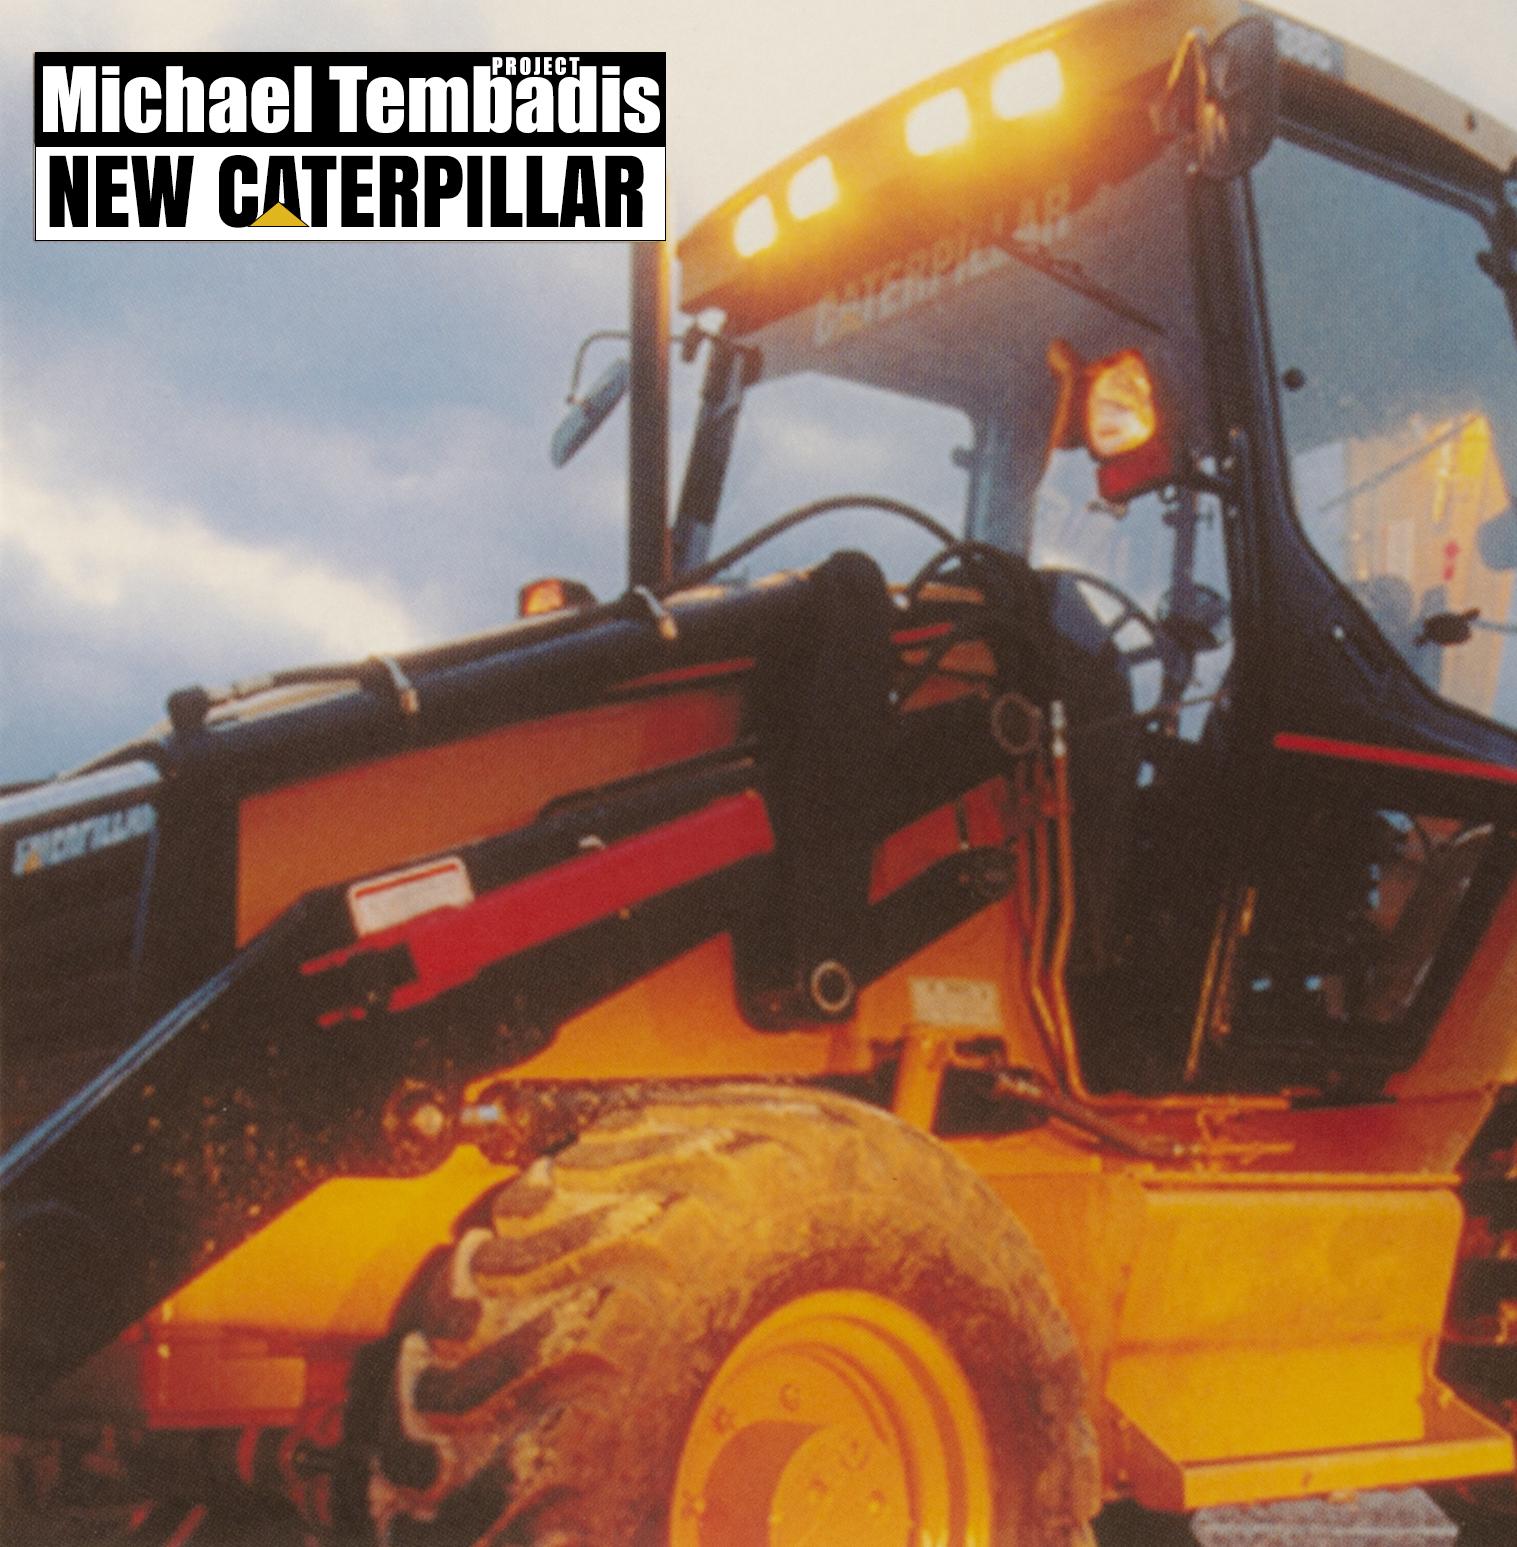 Michael Tembadis